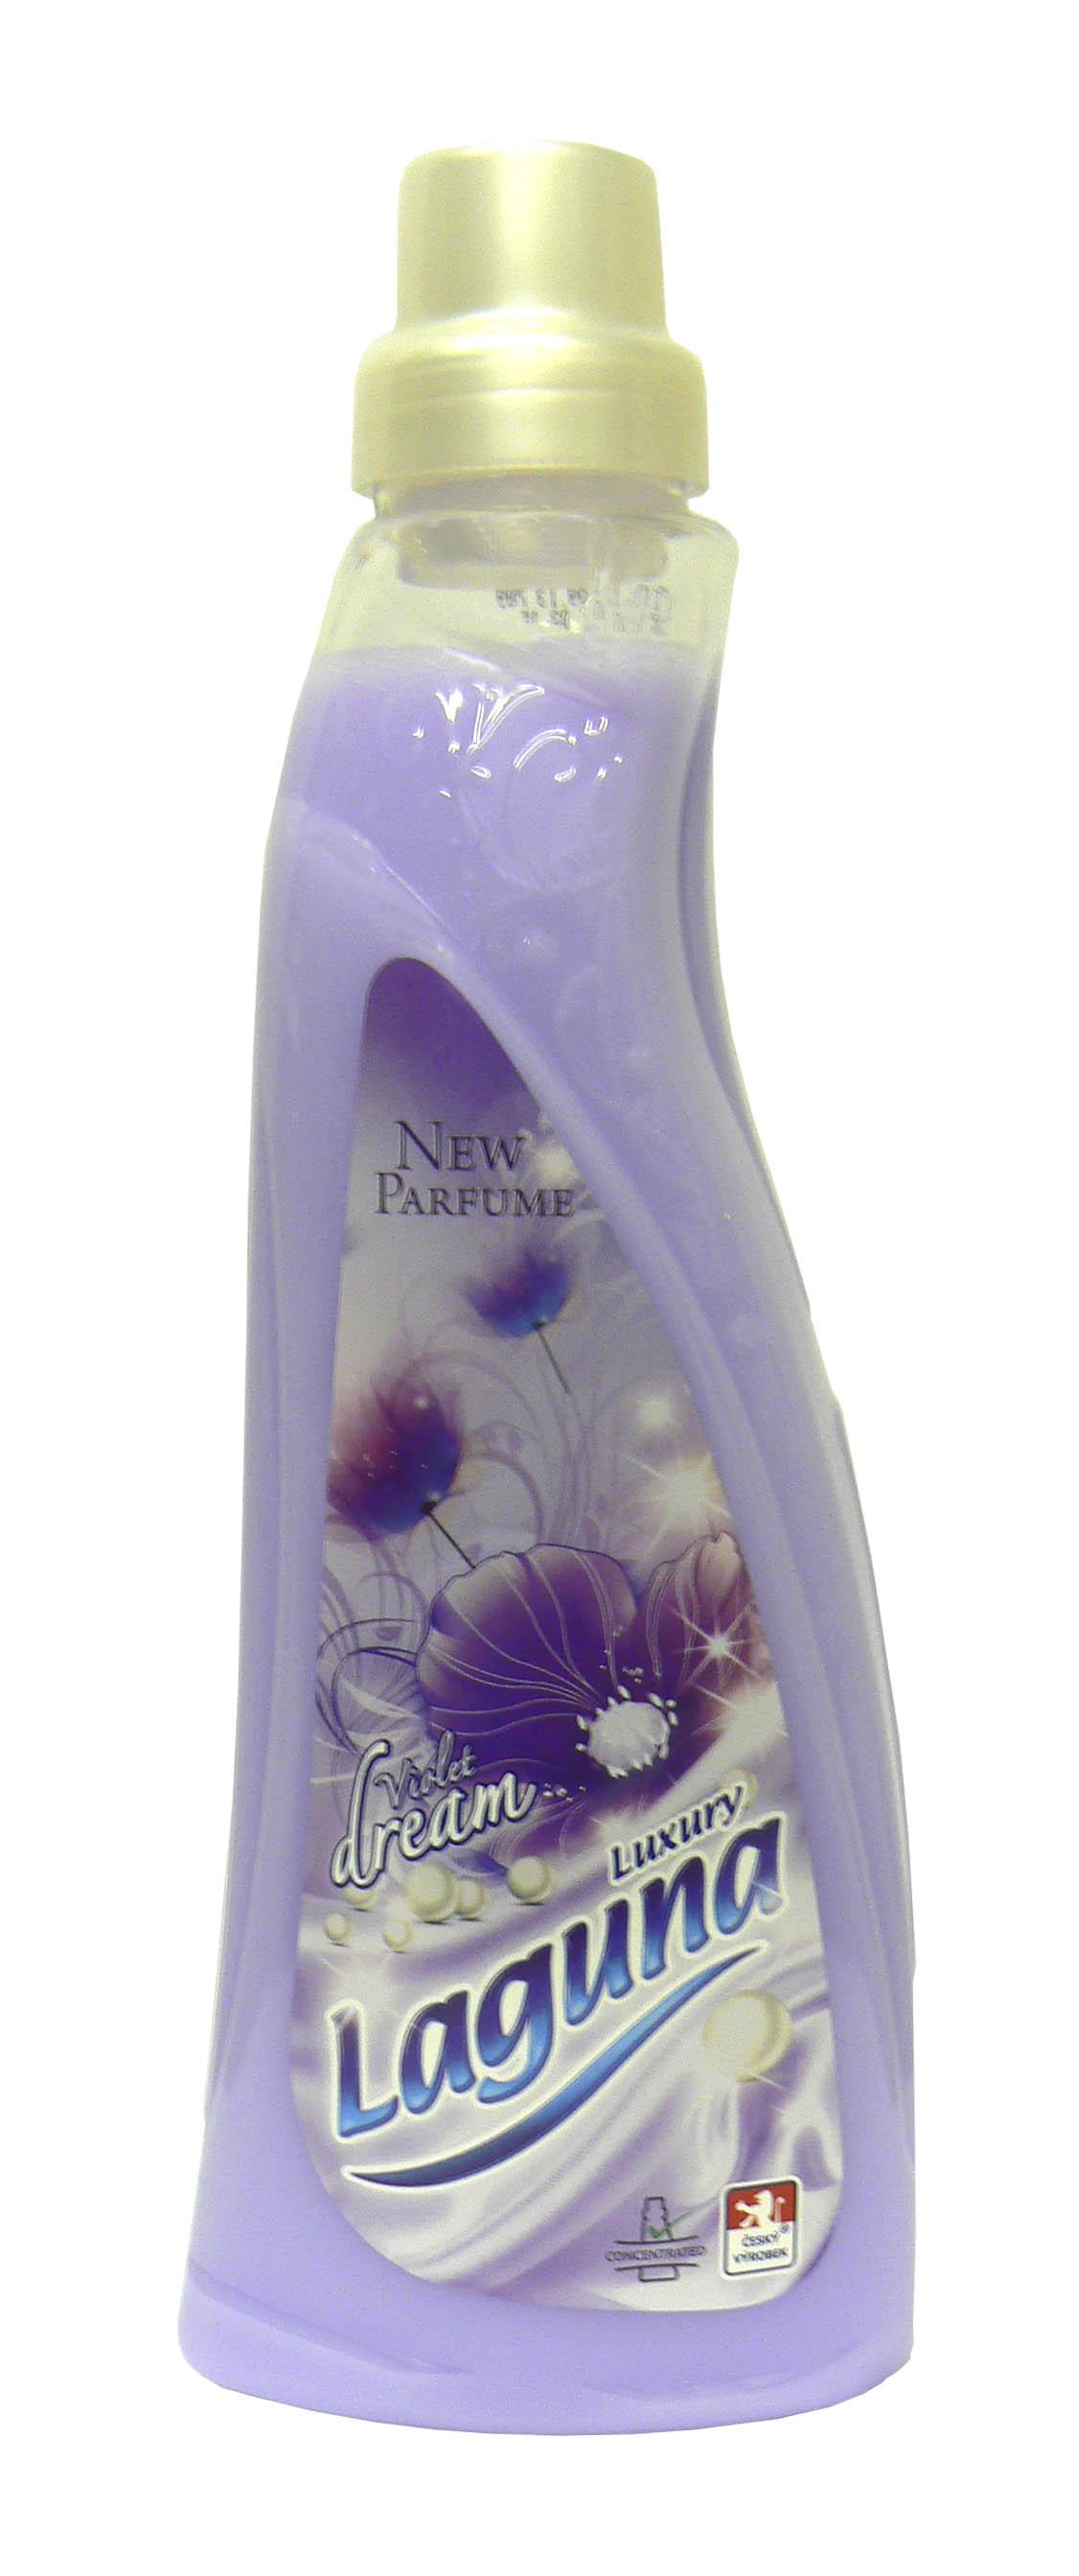 Laguna Luxury Touch Avivážní prostředek s vůní orchidejí a fialek 1 l